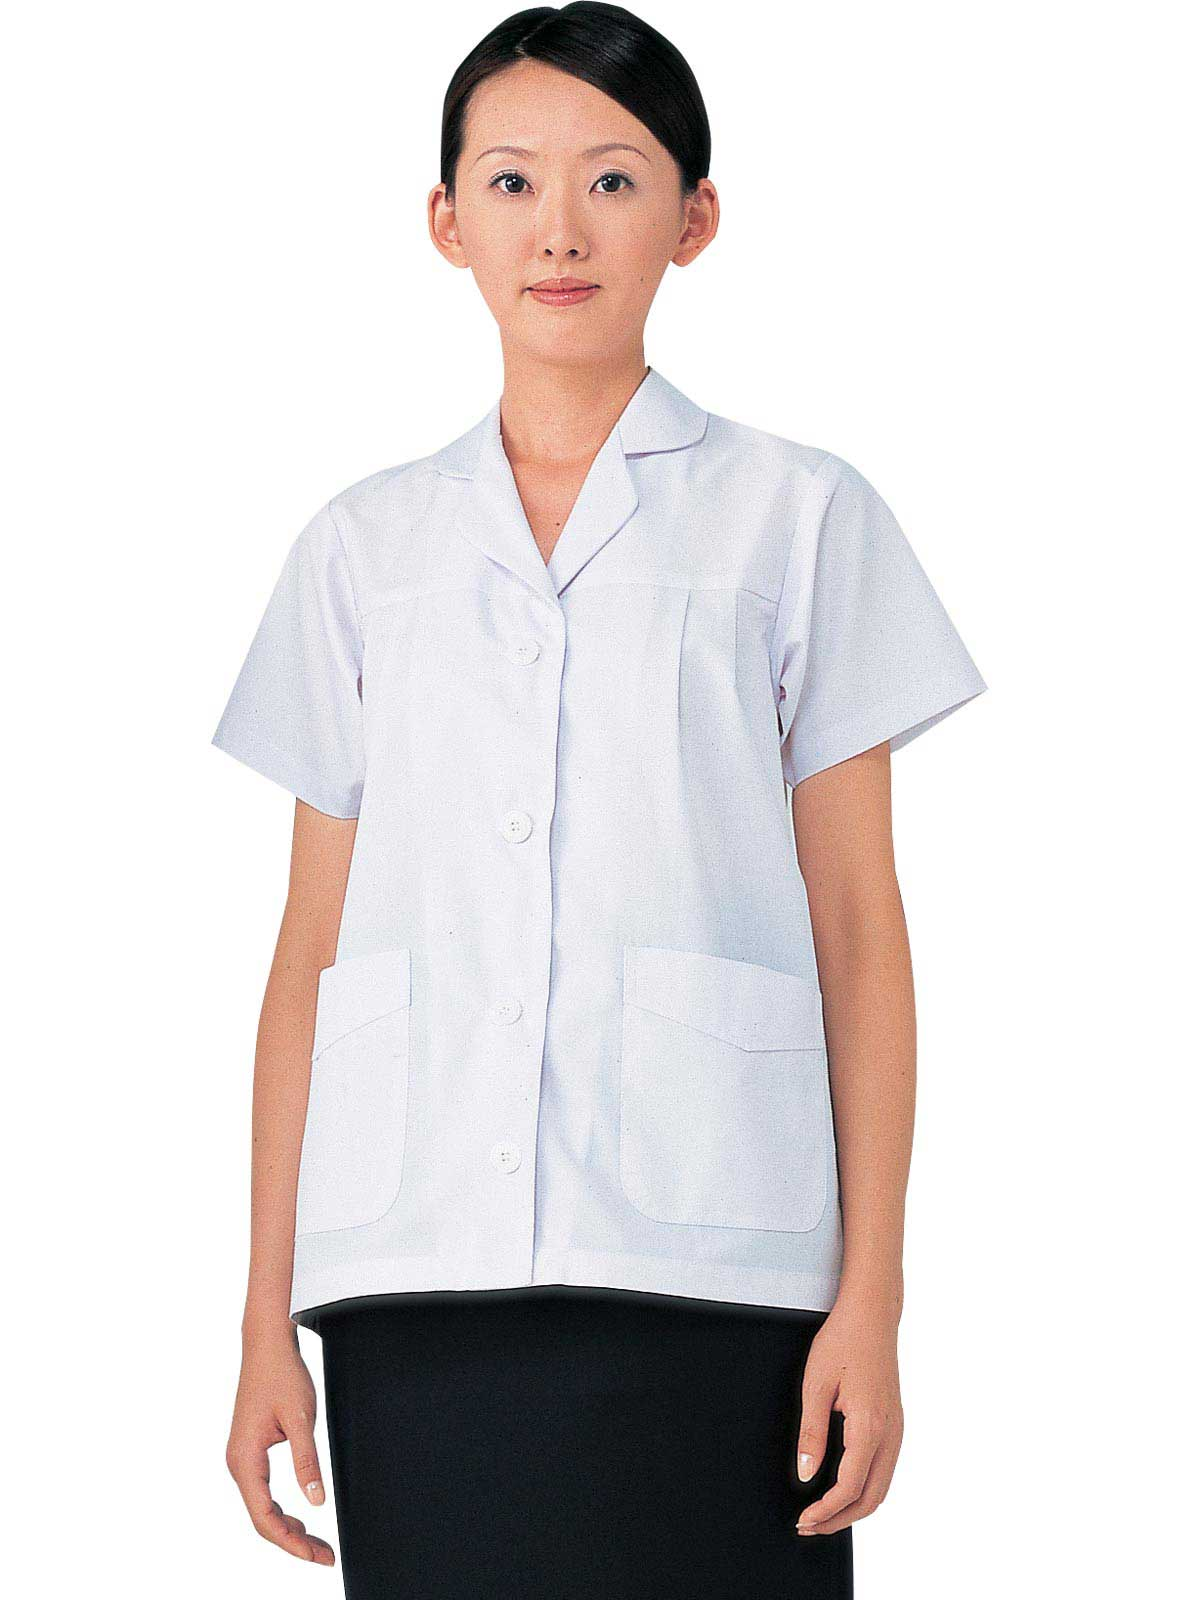 女子調理白衣半袖 SKA327